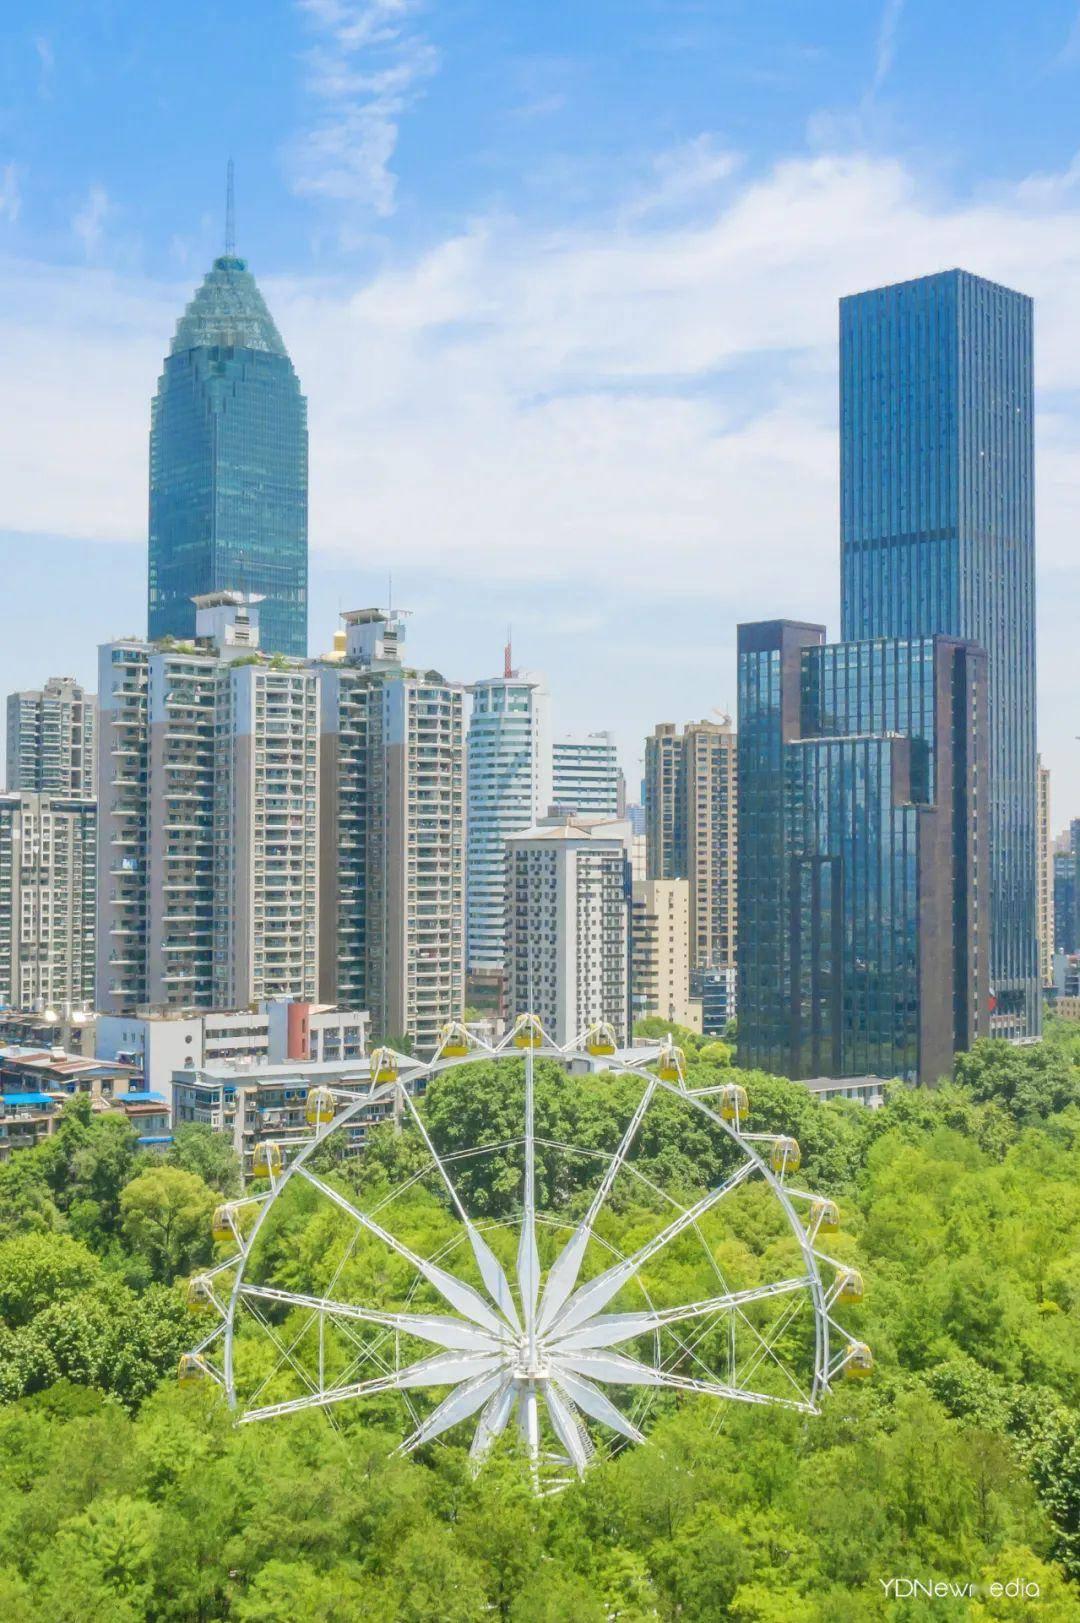 武汉中山公园现在开放了吗 武汉中山公园游玩攻略